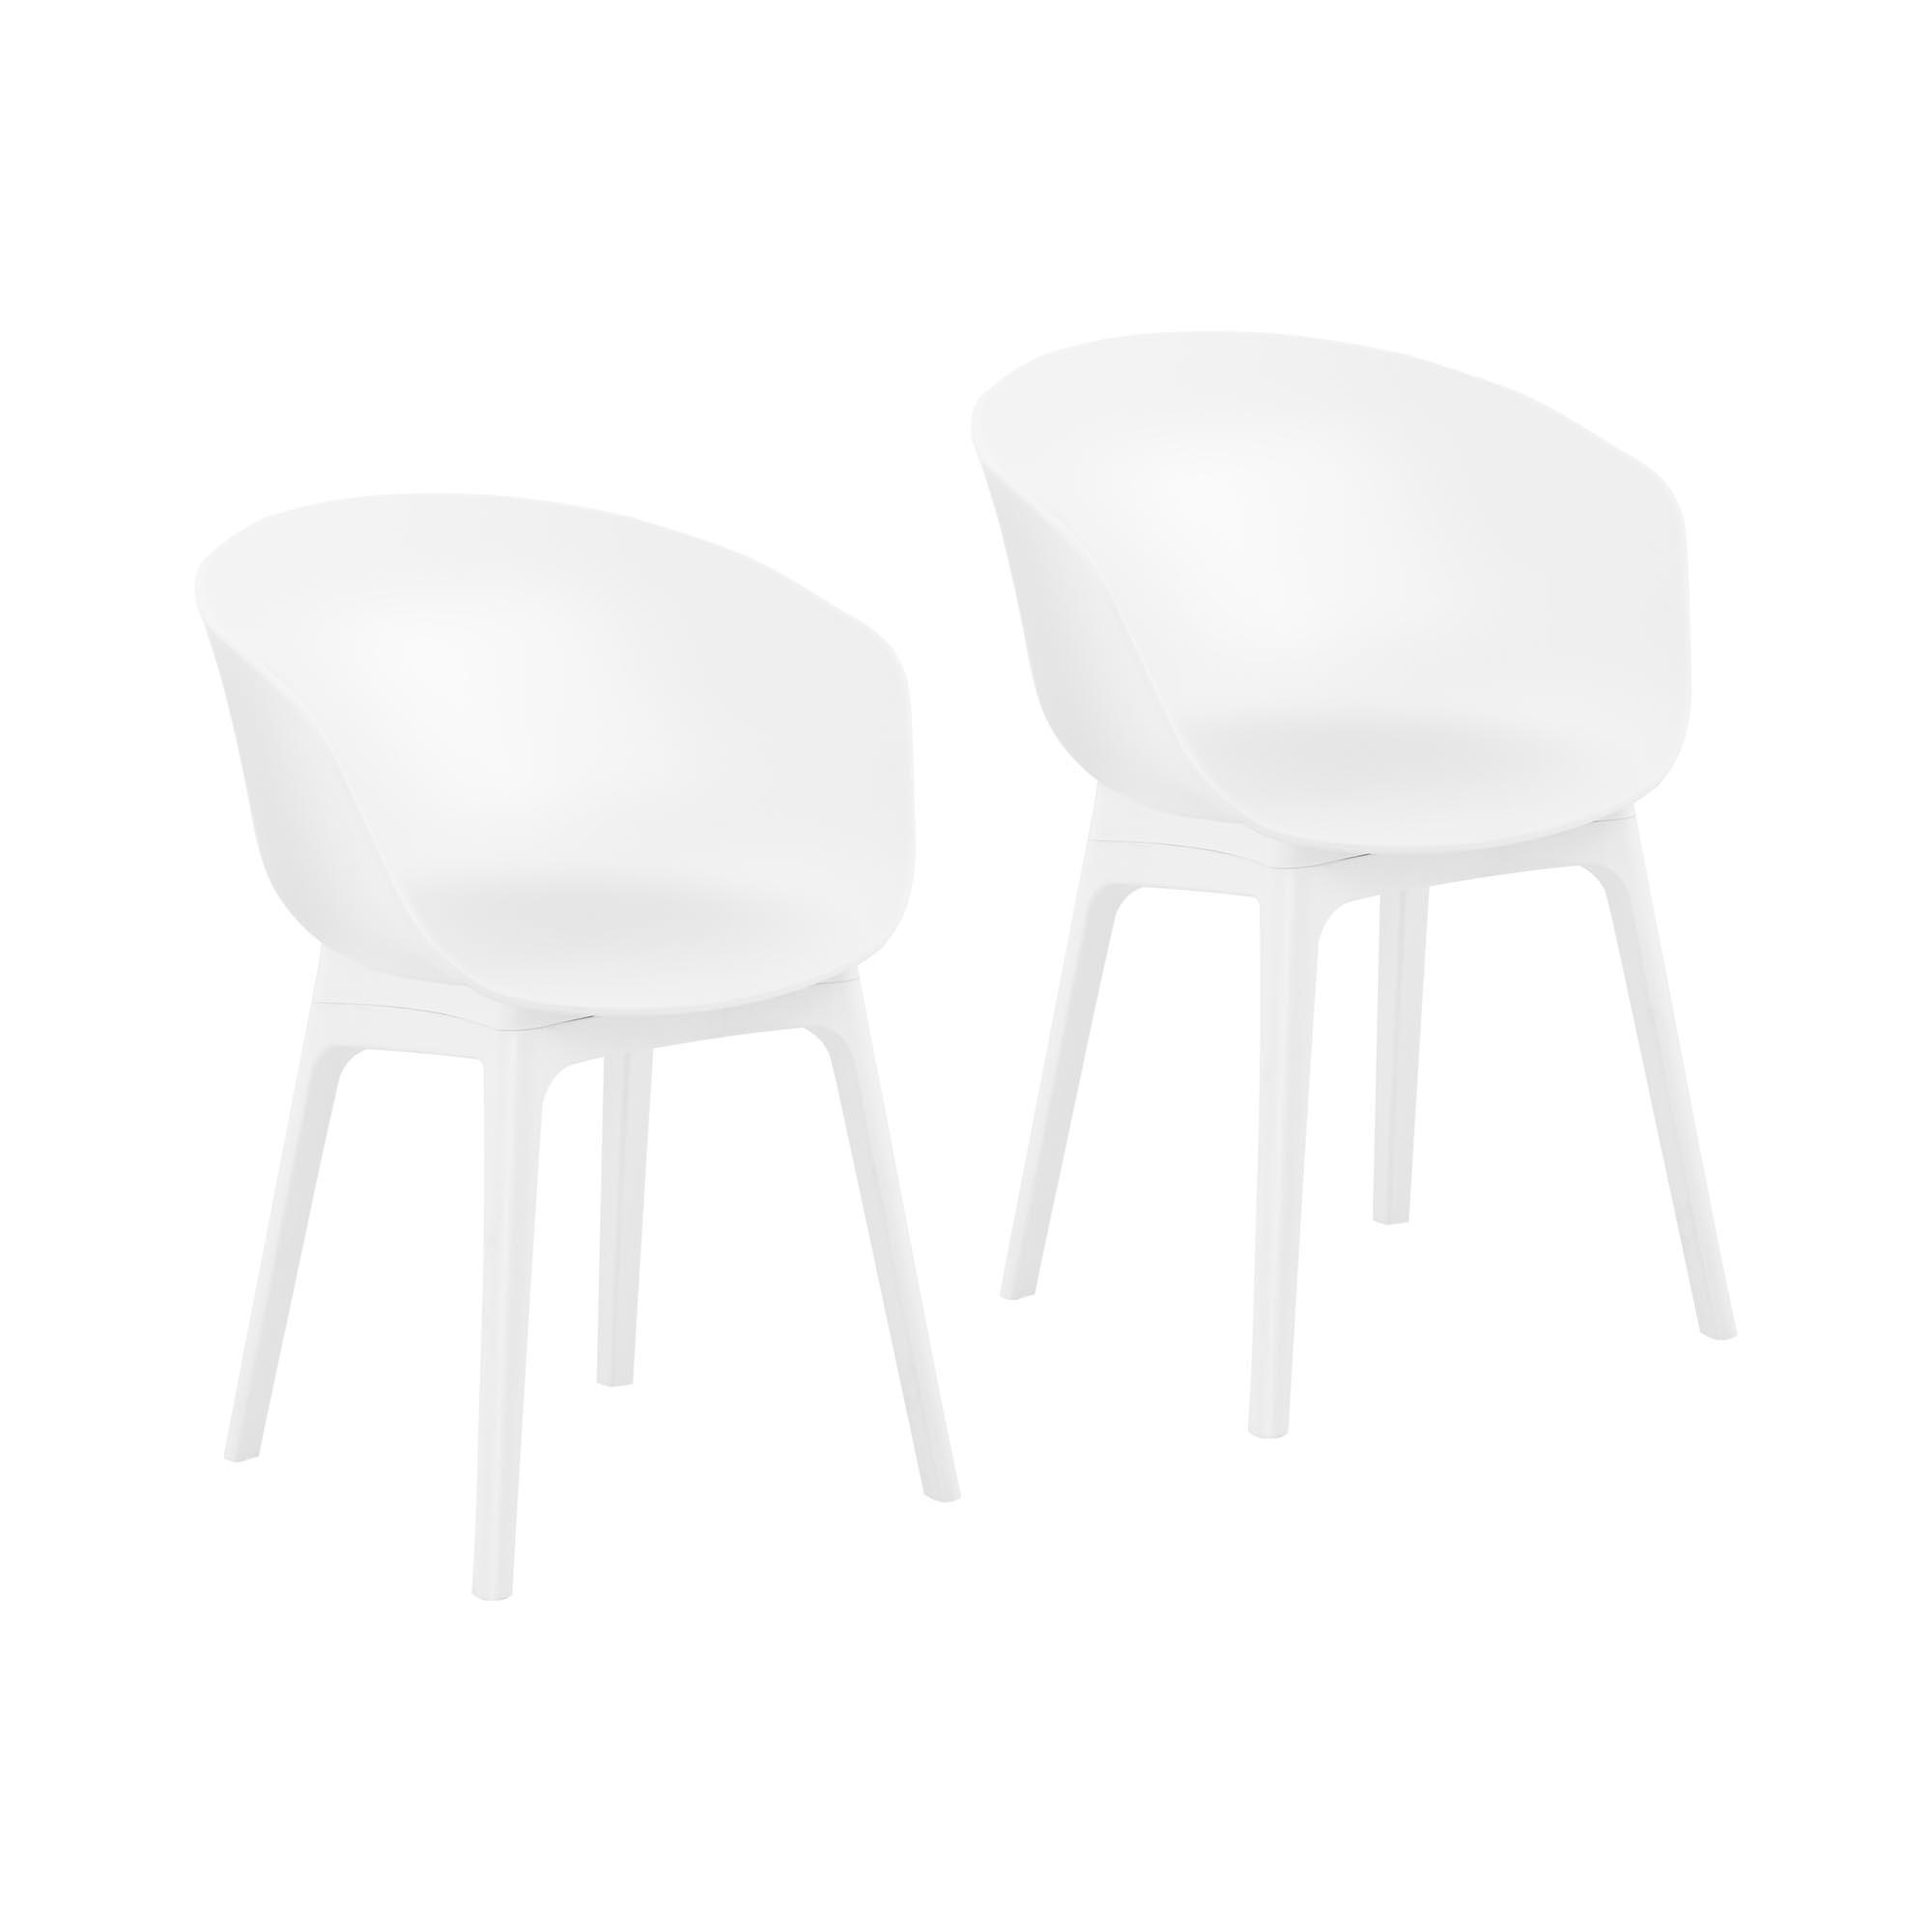 Fromm & Starck Stuhl - 2er Set - bis 150 kg - Sitzfläche 60 x 44 cm - weiß STAR_SEAT_12